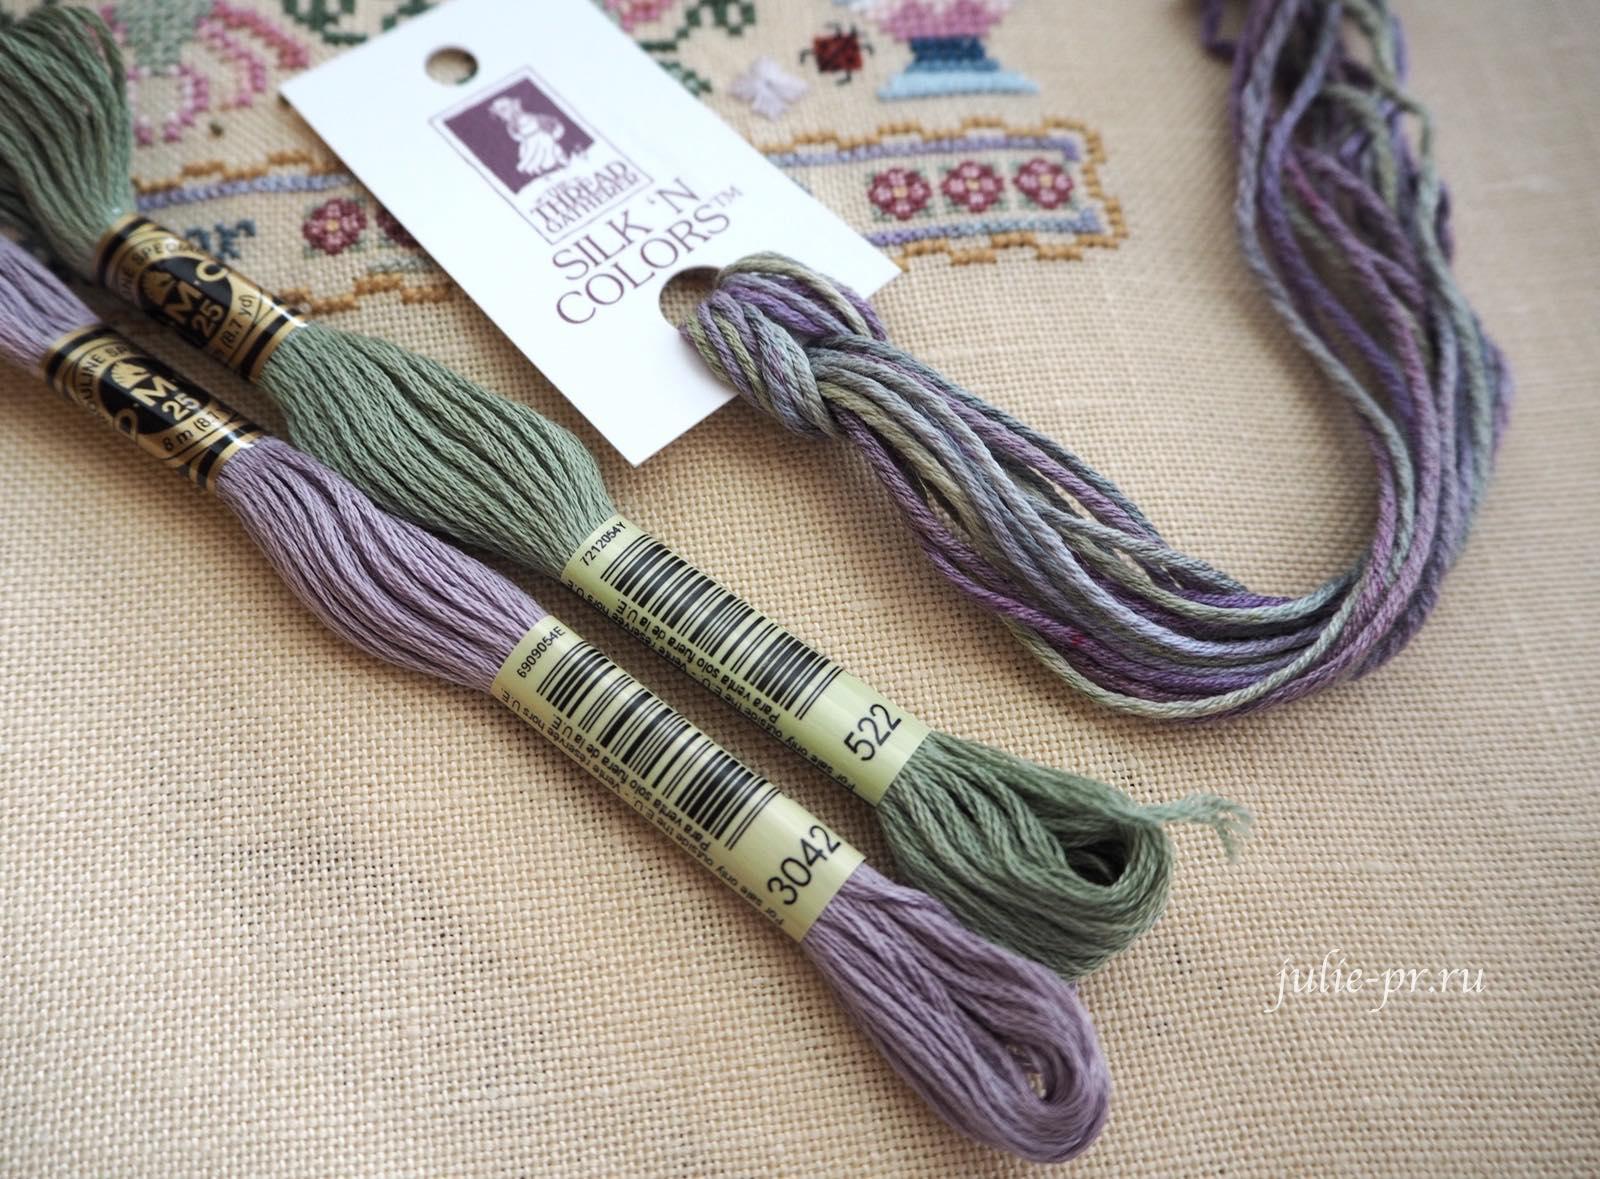 шелк ручного окрашивания Silk'n colors от The Thread Gatherer, Wild Violets (номер SNC 112), Silkwood Manor Just Nan, вышивка крестом